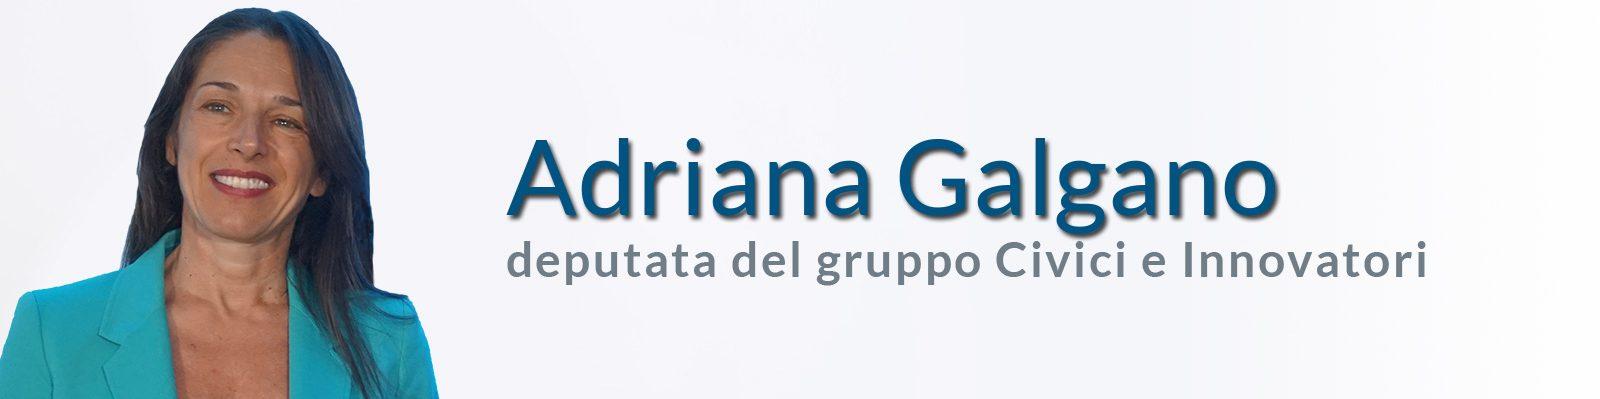 Adriana Galgano